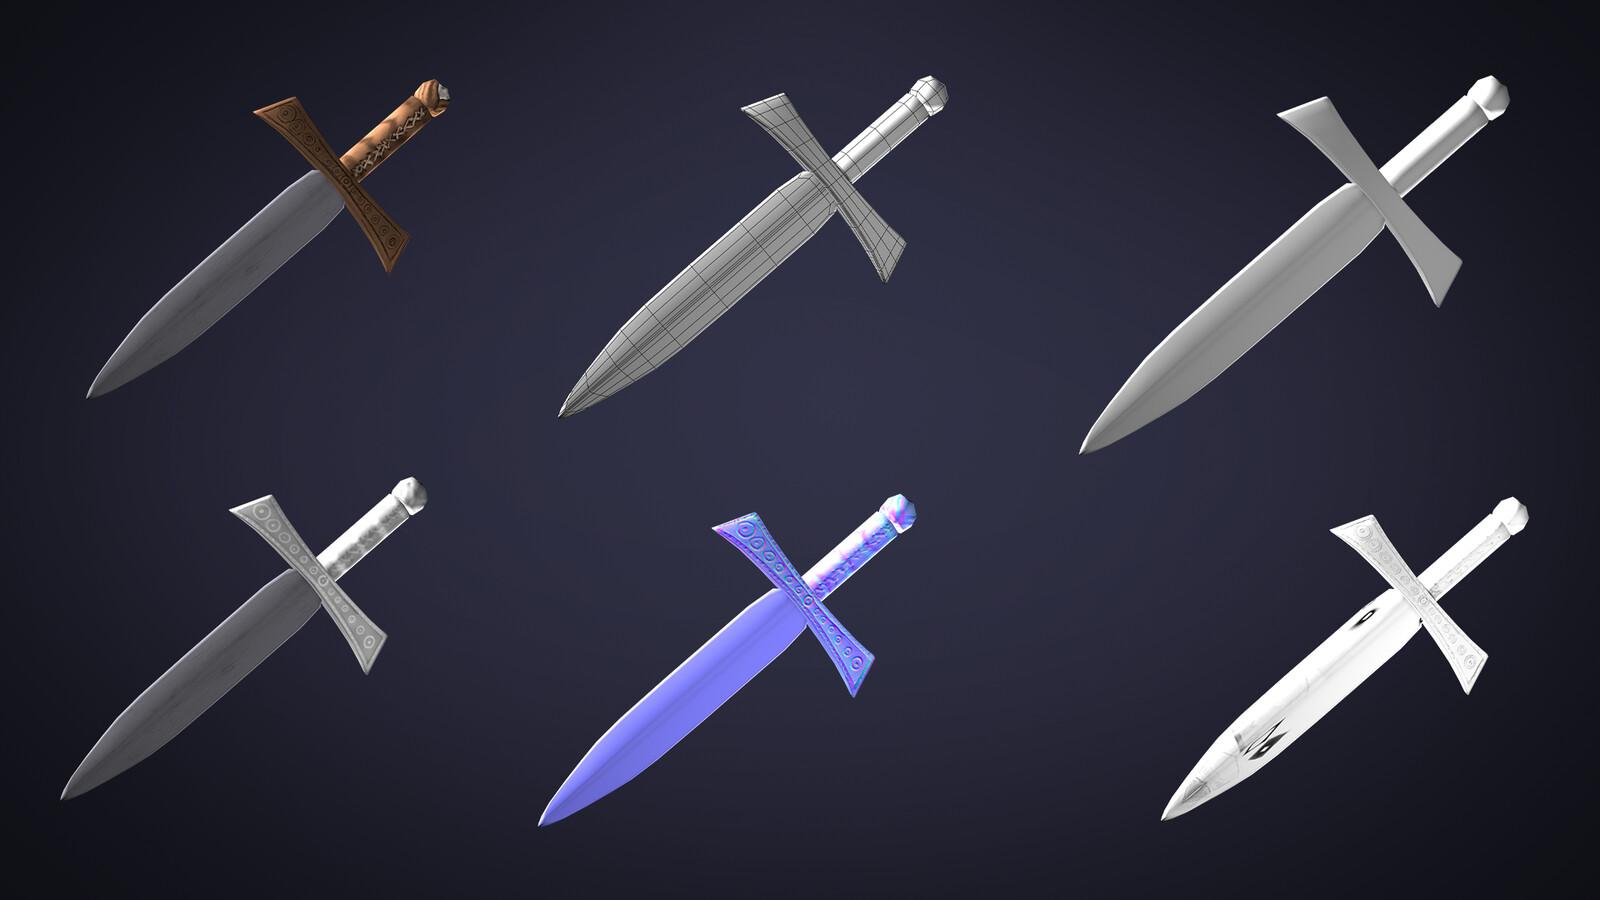 Sword model breakdown